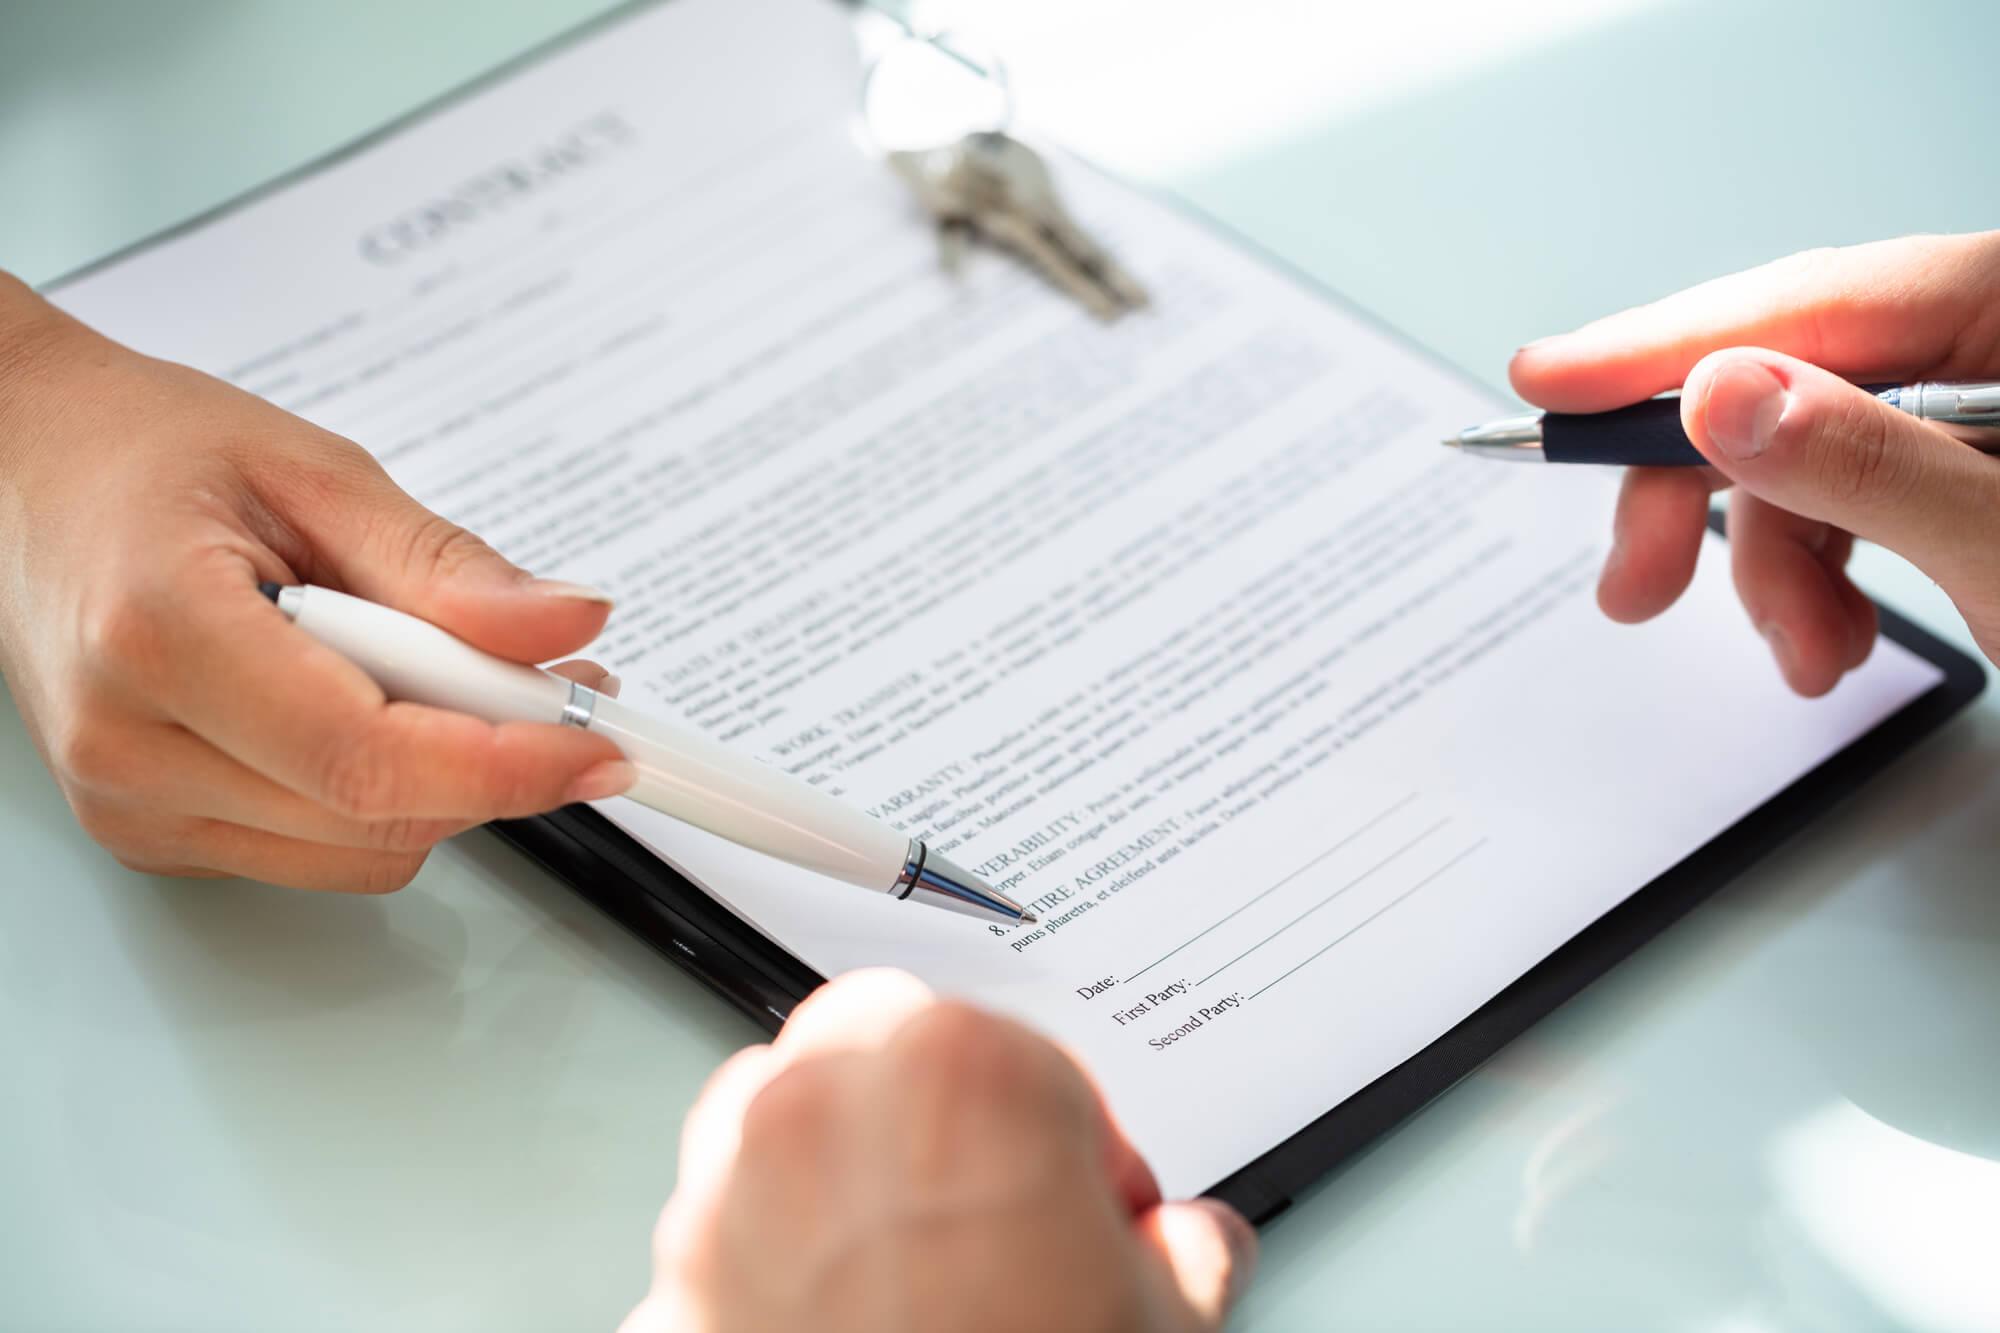 Medida Provisória altera regras de contratação para a Administração Pública durante vigência da calamidade pública